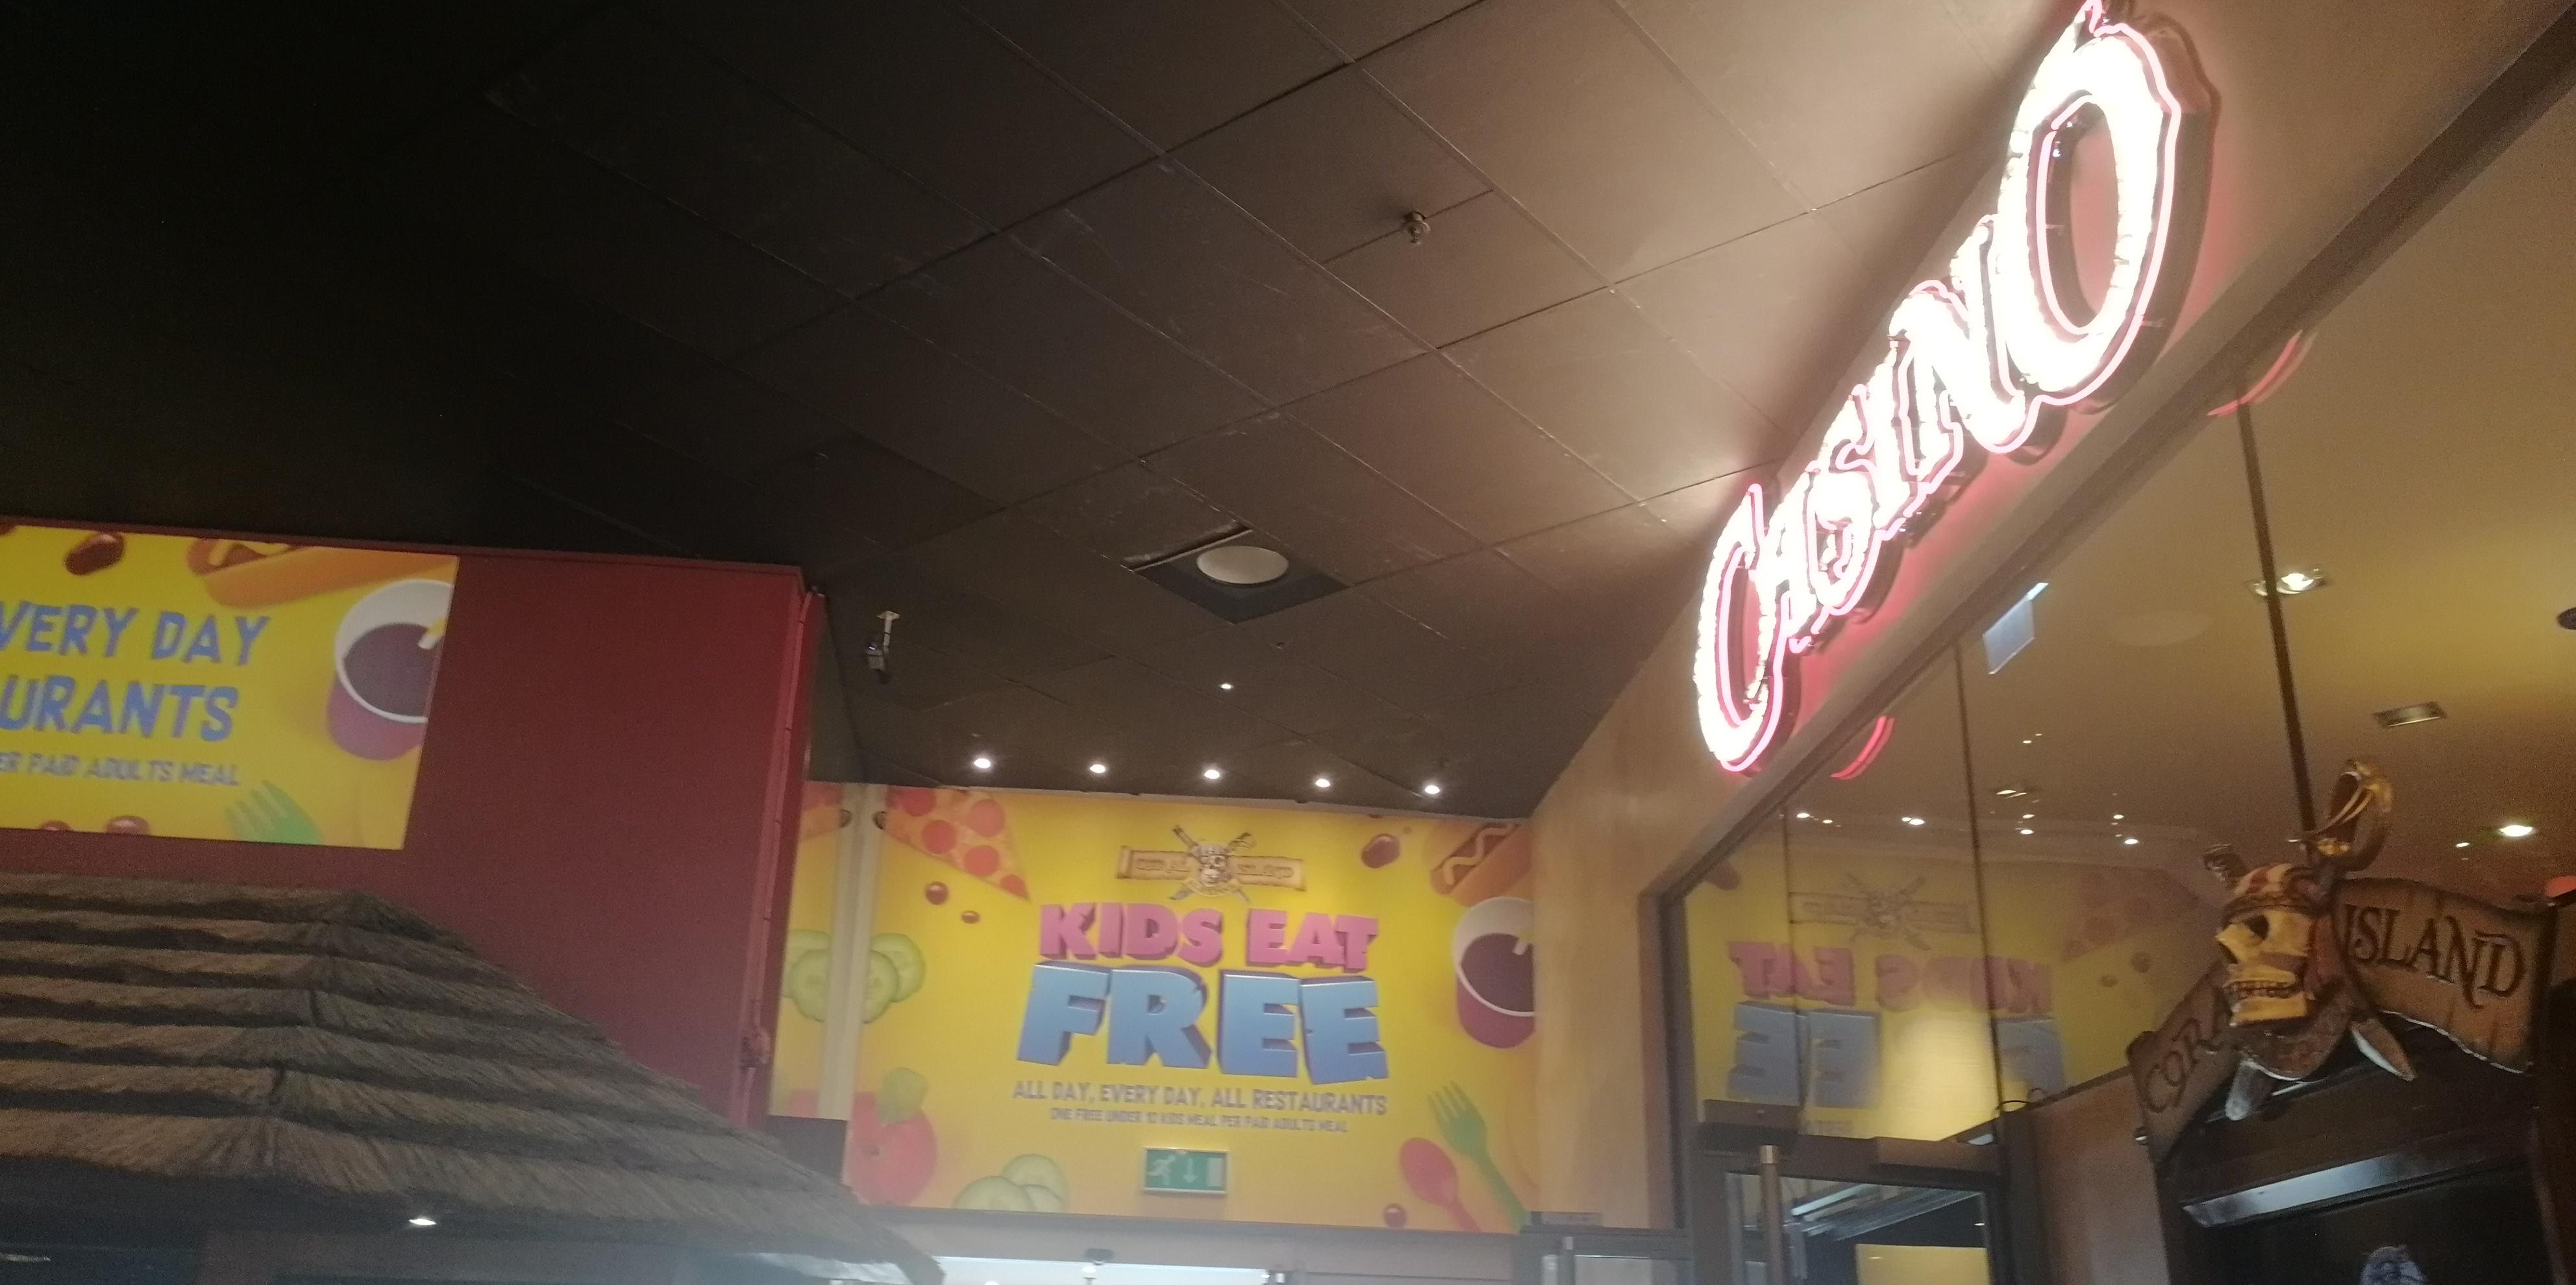 Kids Eat Free banner